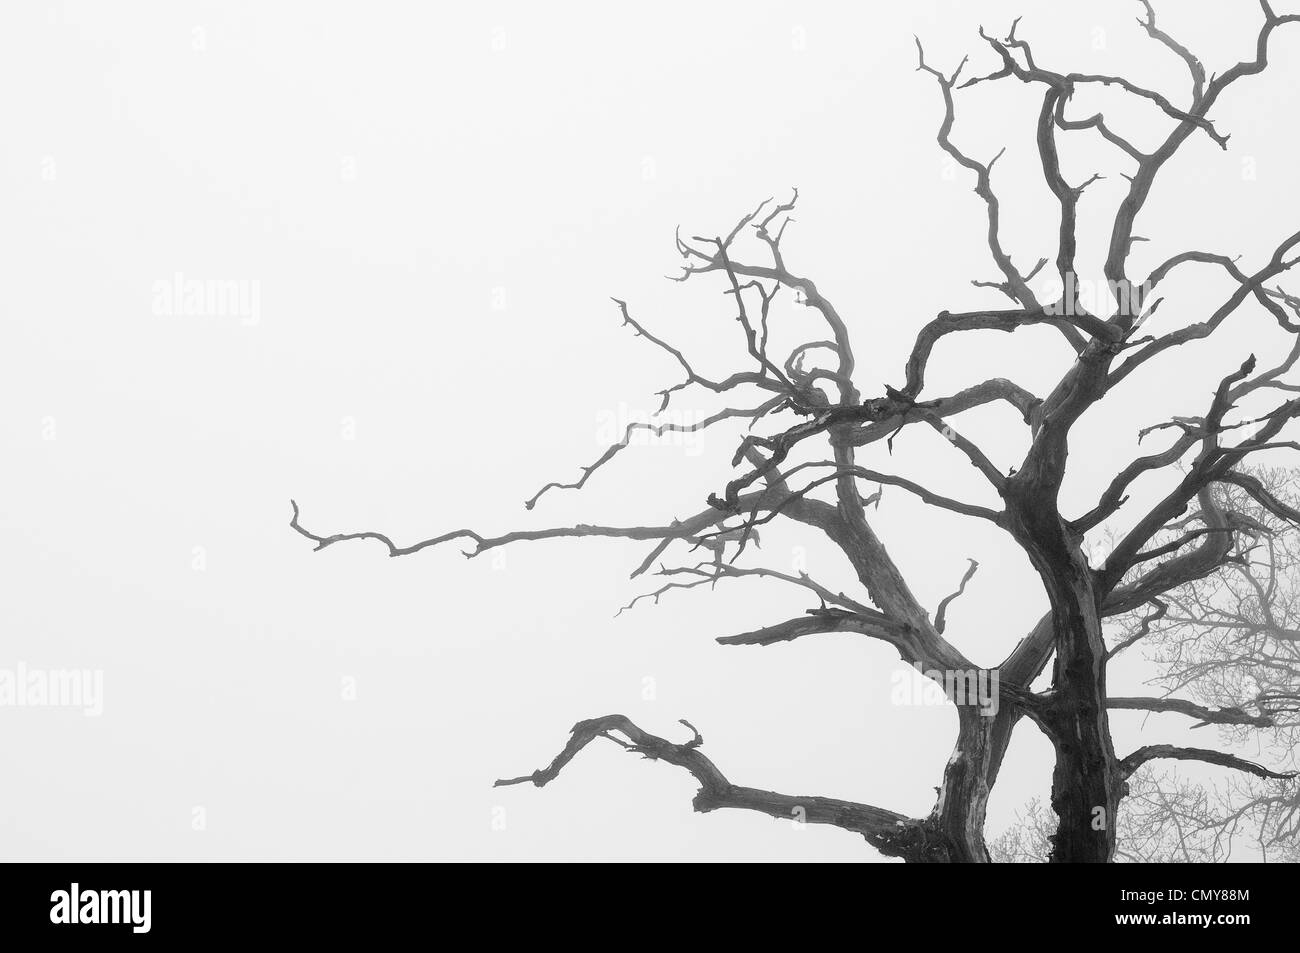 A nudo i rami degli alberi in silhouette in una nebbiosa giornata invernale, in bianco e nero Immagini Stock